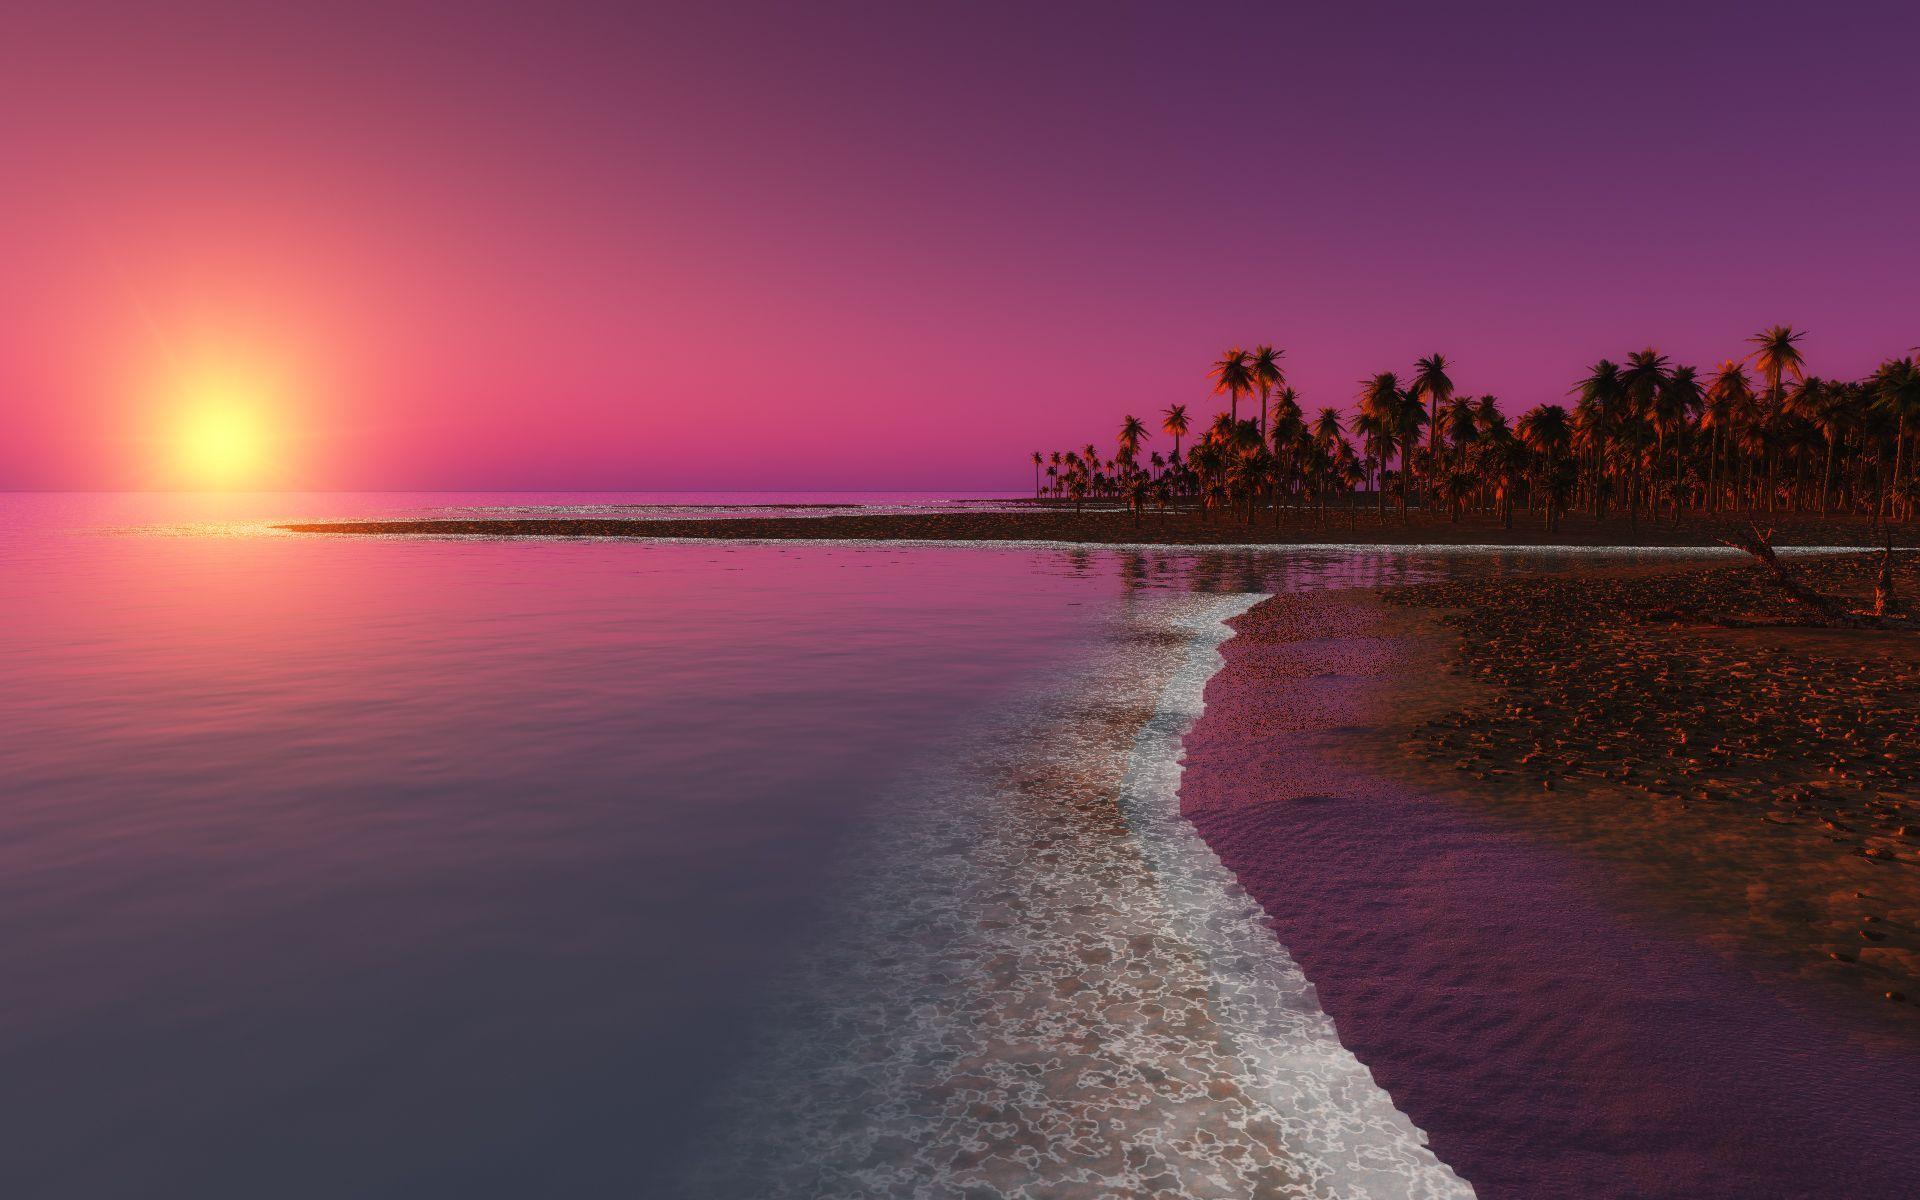 best summer wallpapers, free desktop backgrounds summer scenes